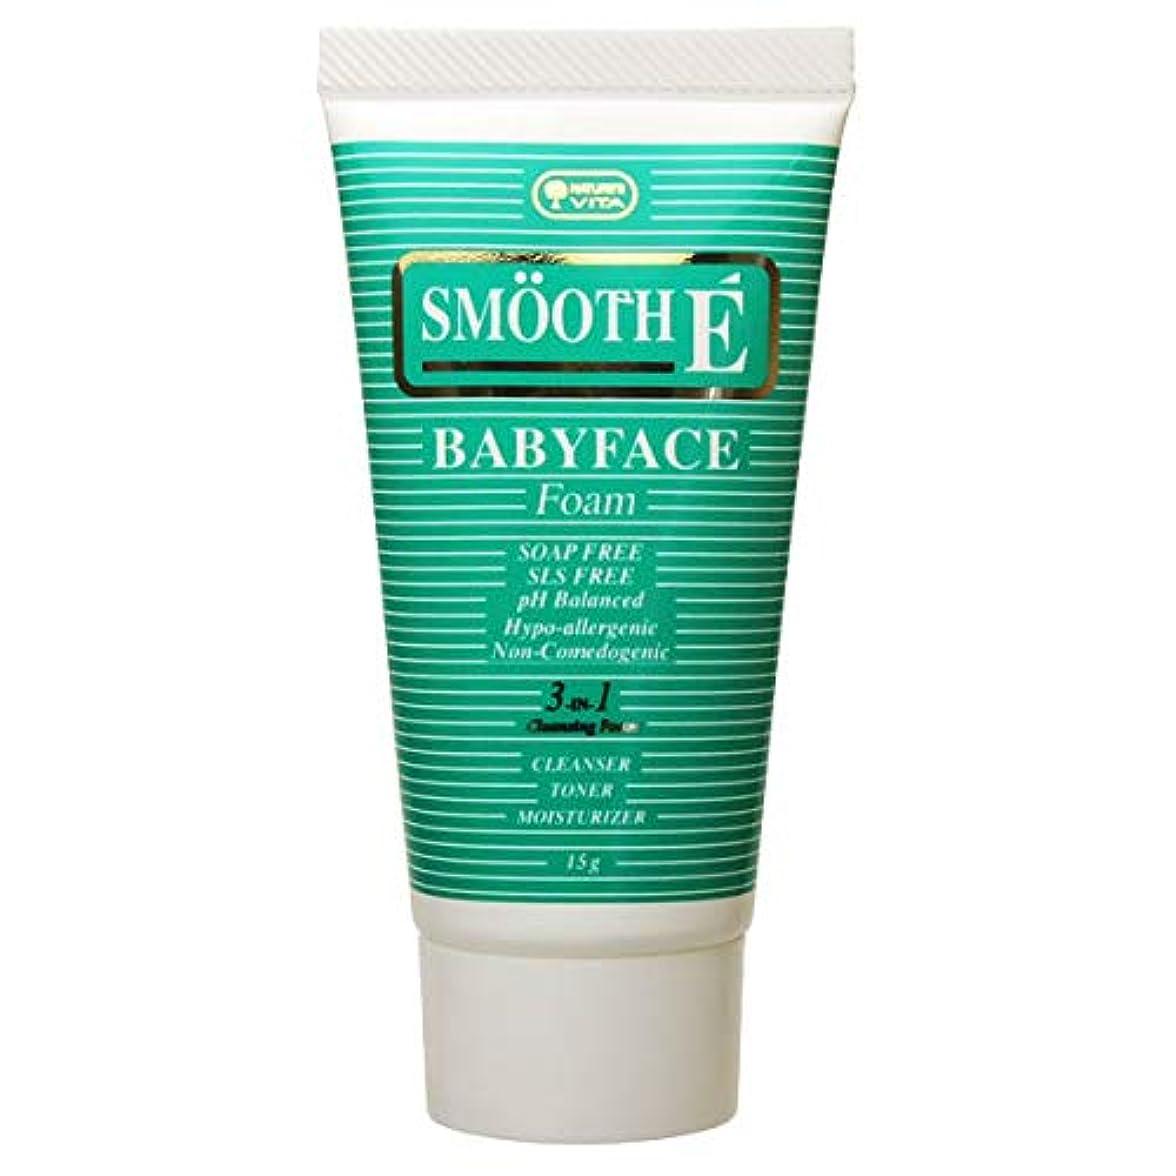 副詞のためにバックグラウンドSMOOTHE(スムースイー) スムースE ベビーフェイス フォーム (15g) 植物由来 洗顔クリーム